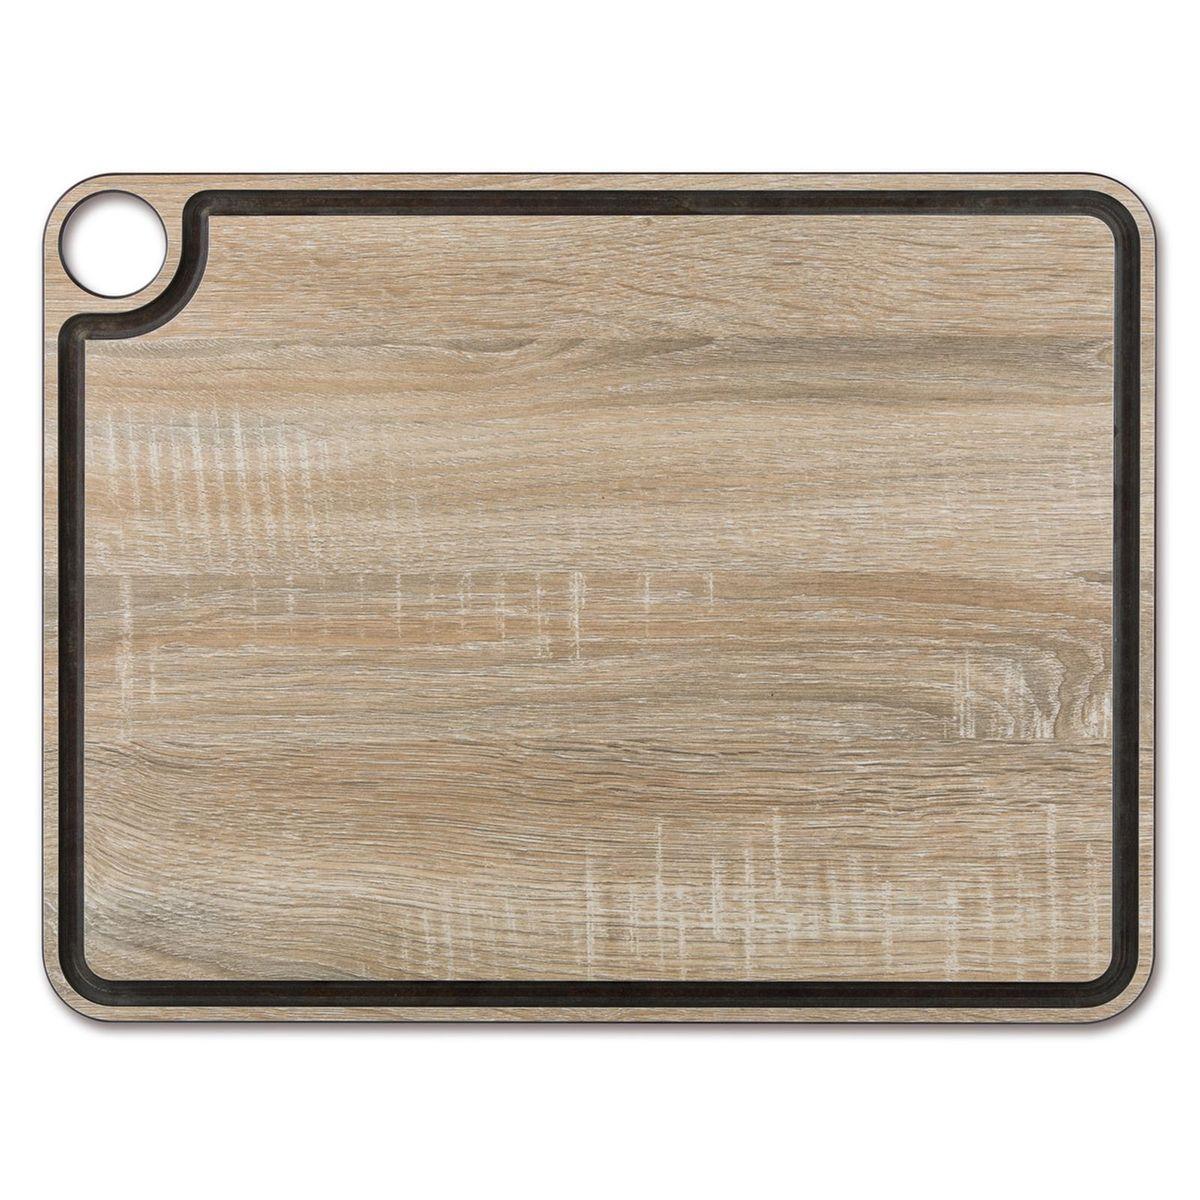 Planche à découper avec rigole effet bois en papier compressé 42.7 x 32.7 cm - Arcos